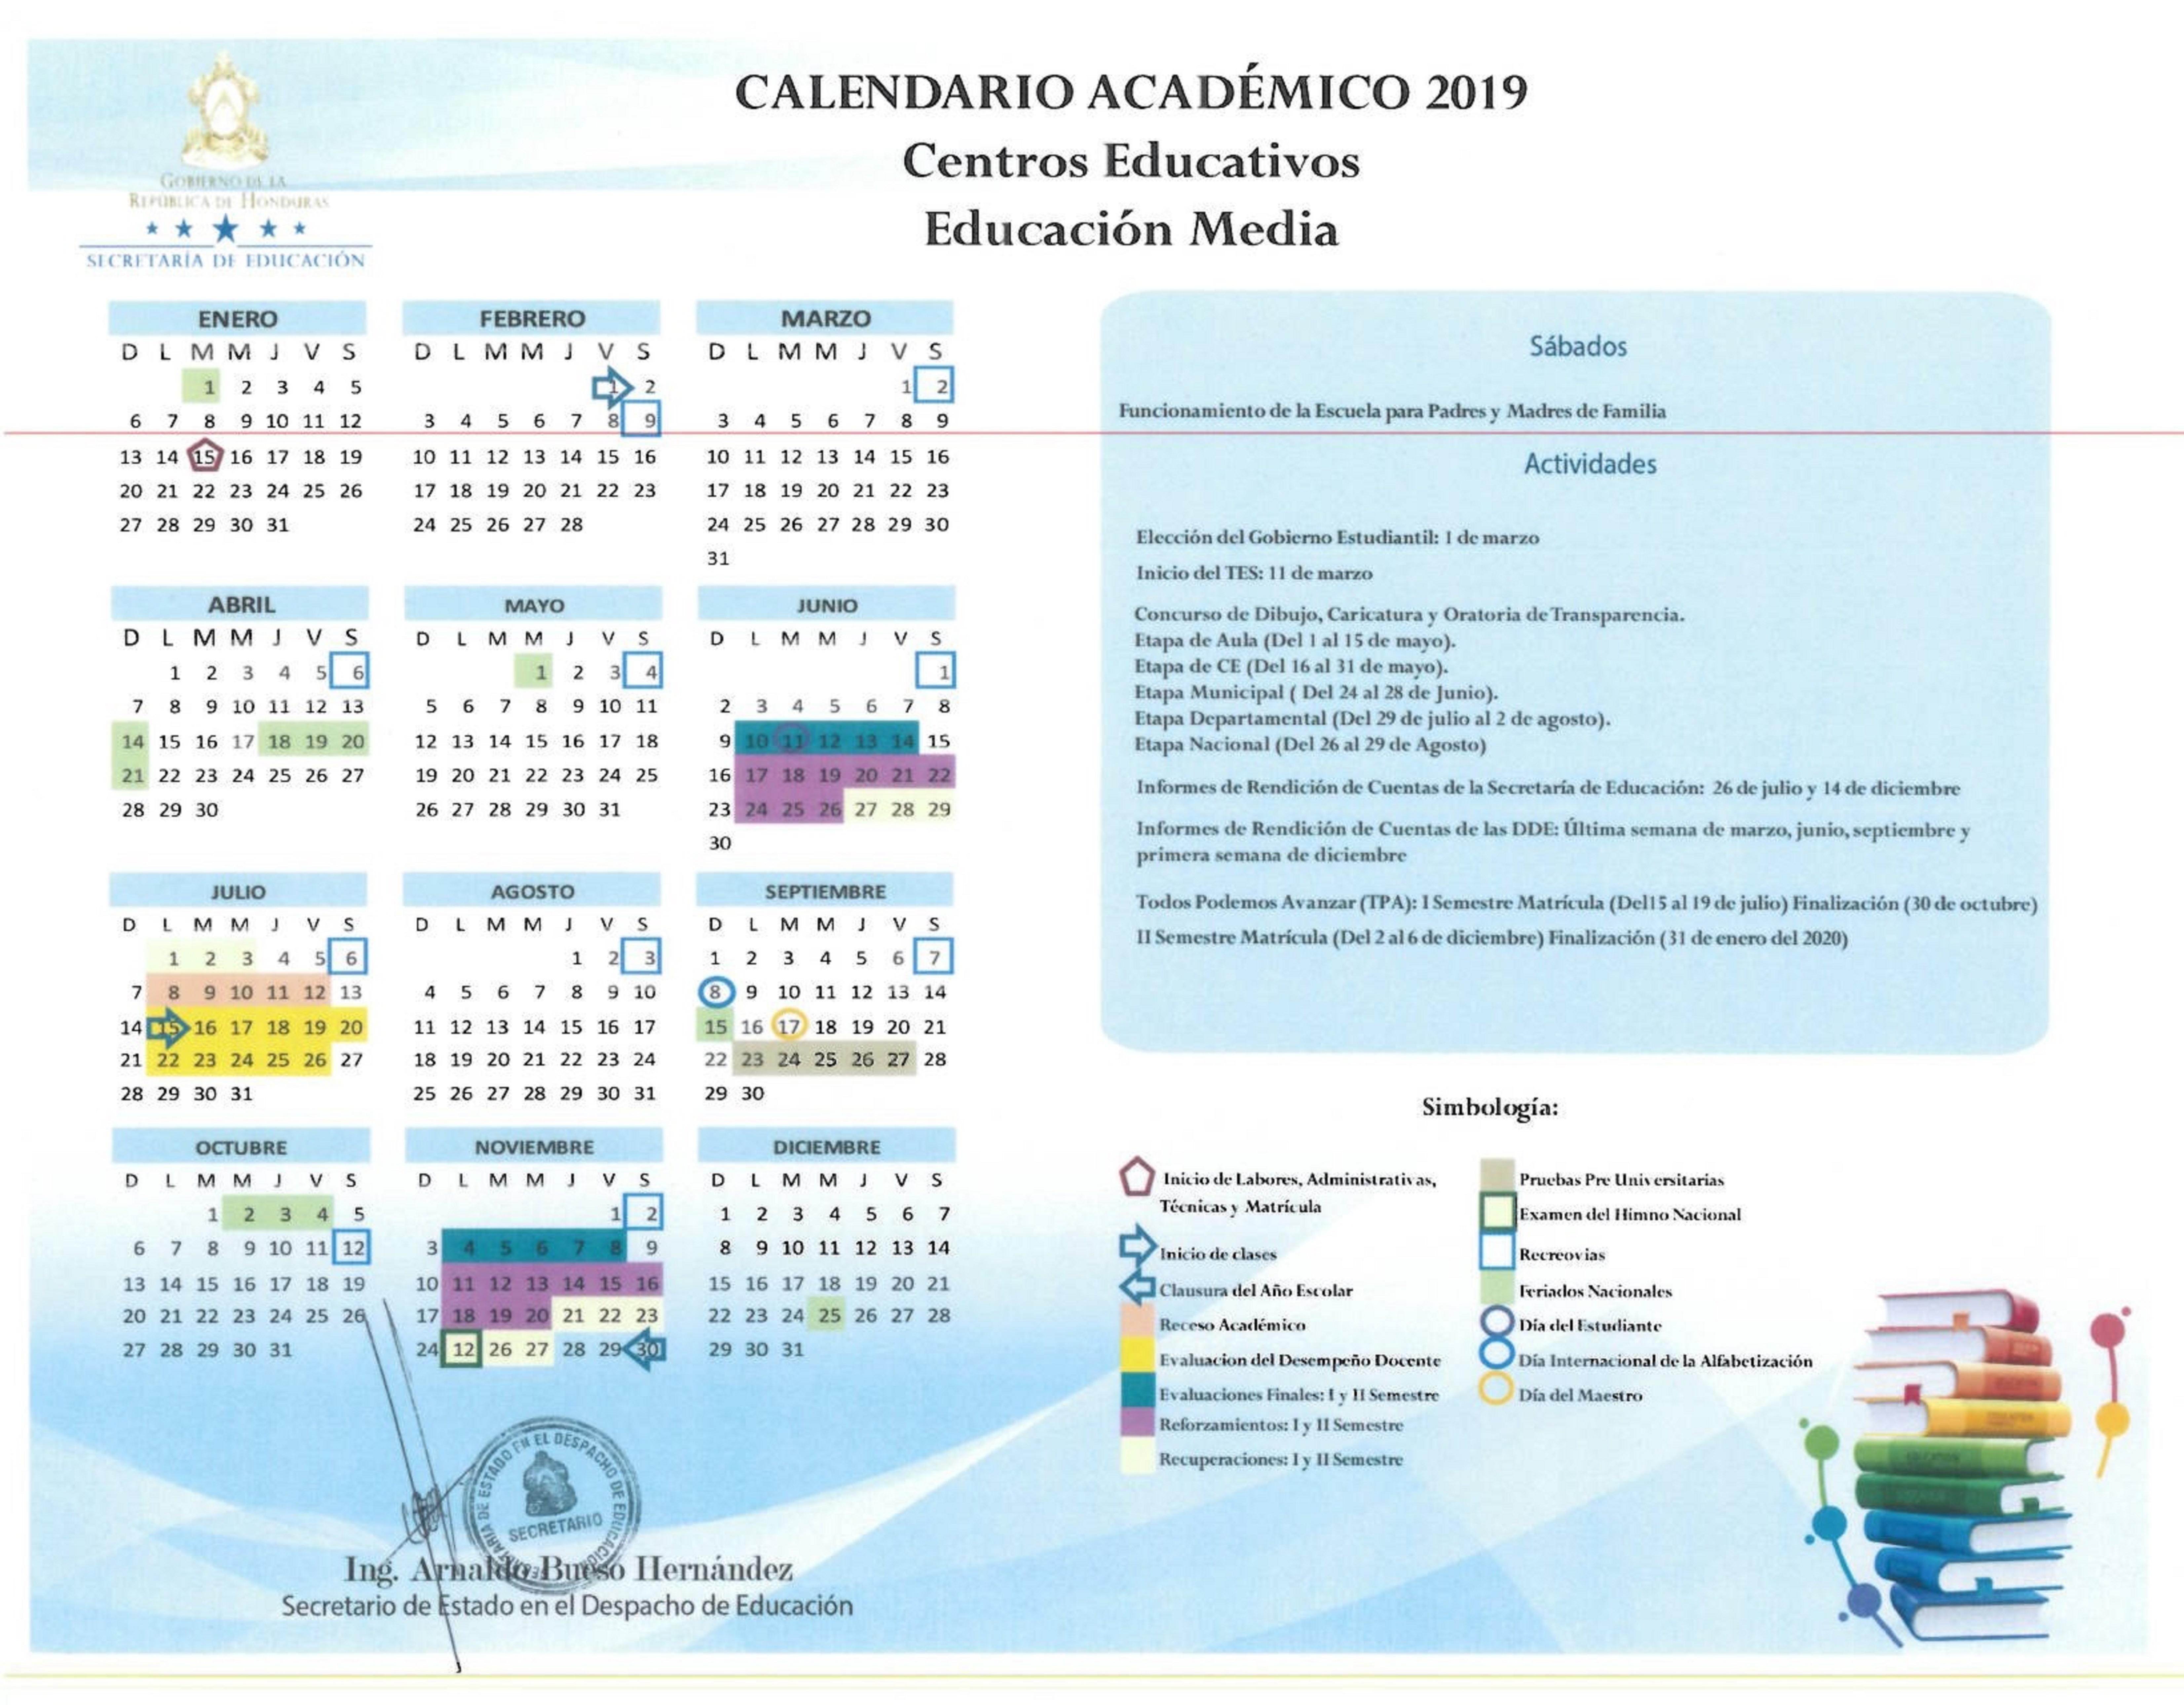 Calendario Con Semanas 2019 Para Imprimir.Se Calendario Academico